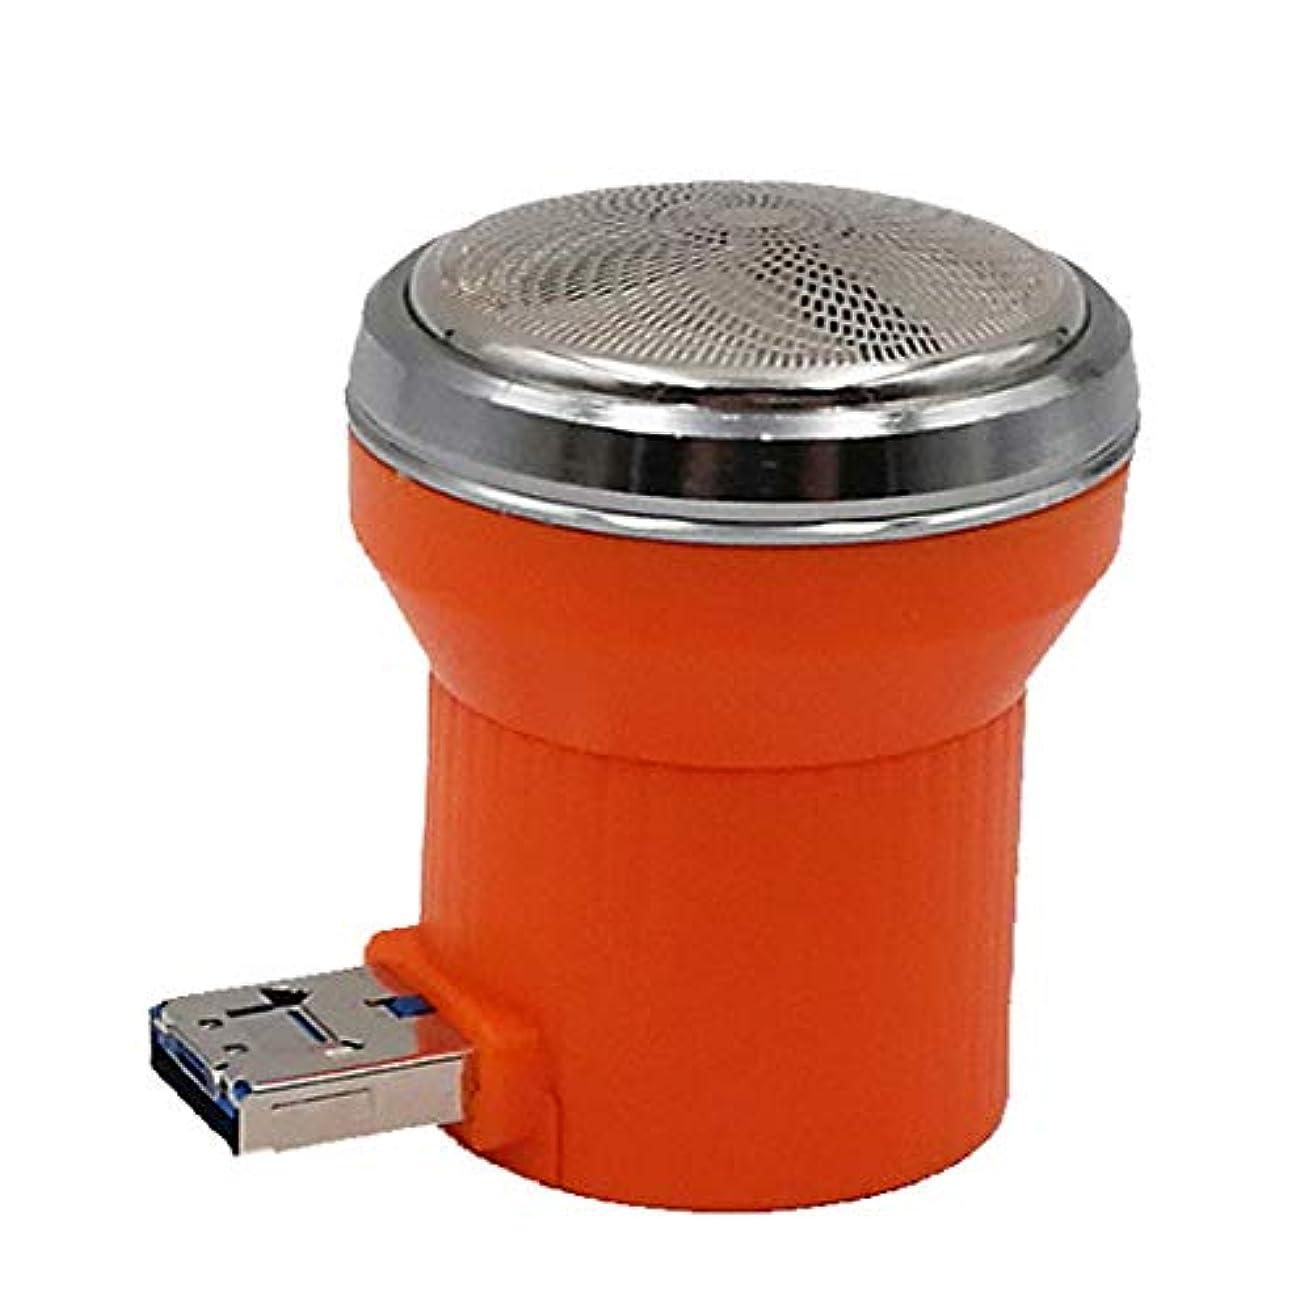 乱す増幅器昼間旅行用かみそりのためのミニかみそりUSB携帯電話多機能ポータブル電気メンズかみそり(オレンジ)